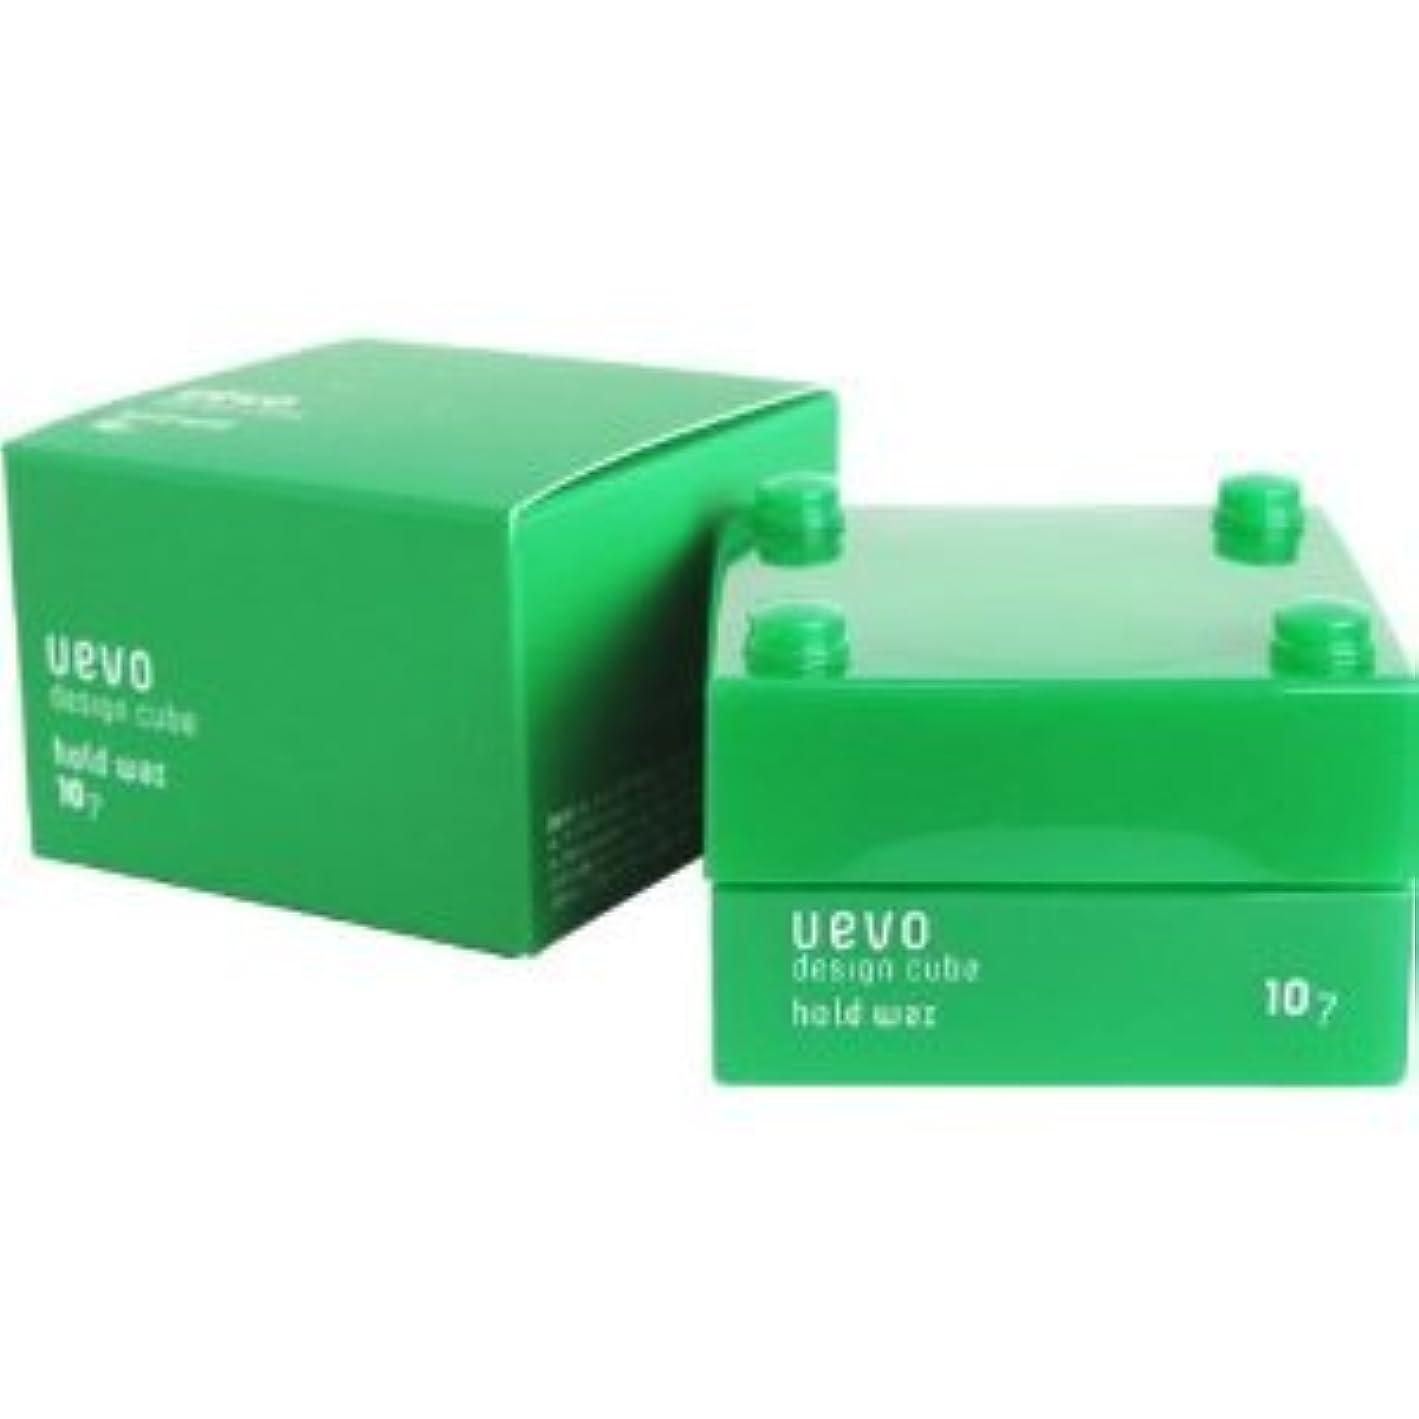 モータートイレじゃない【X2個セット】 デミ ウェーボ デザインキューブ ホールドワックス 30g hold wax